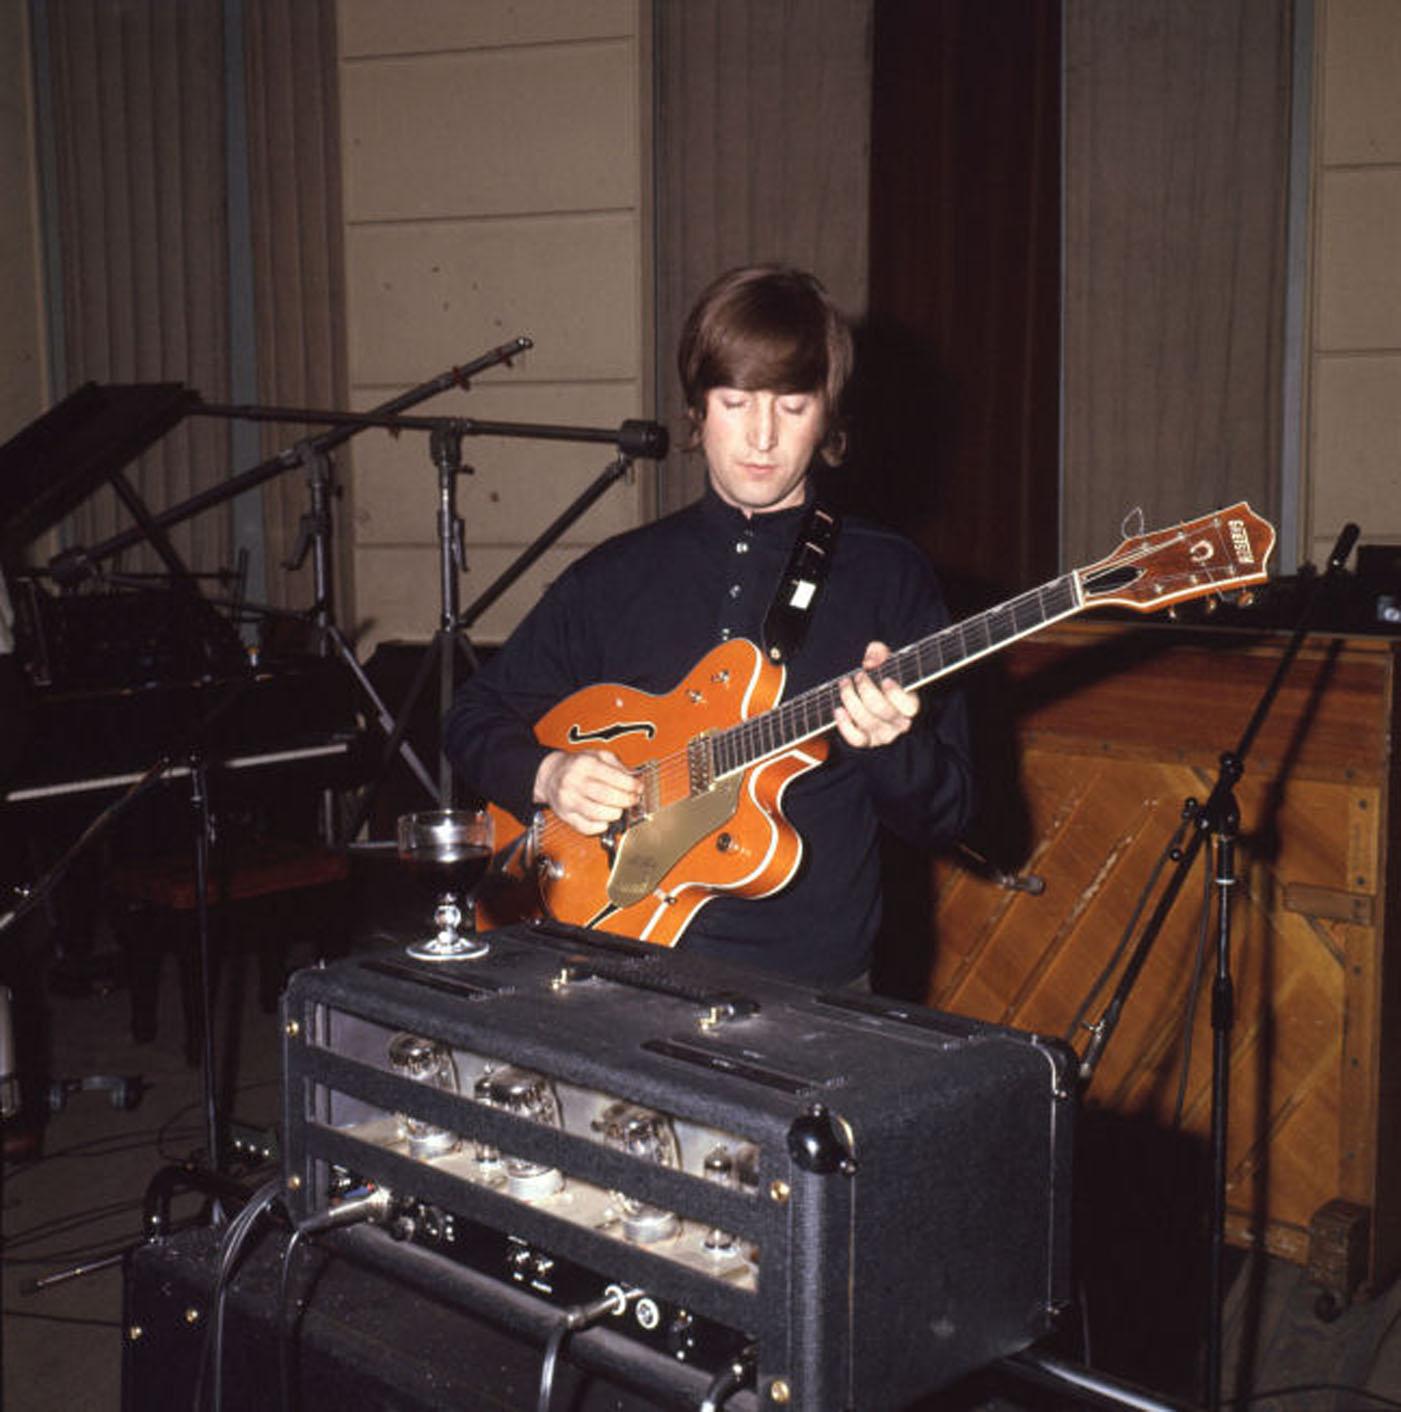 John Lennon's 'Paperback Writer' Guitar Sells for $530K to Colts Owner